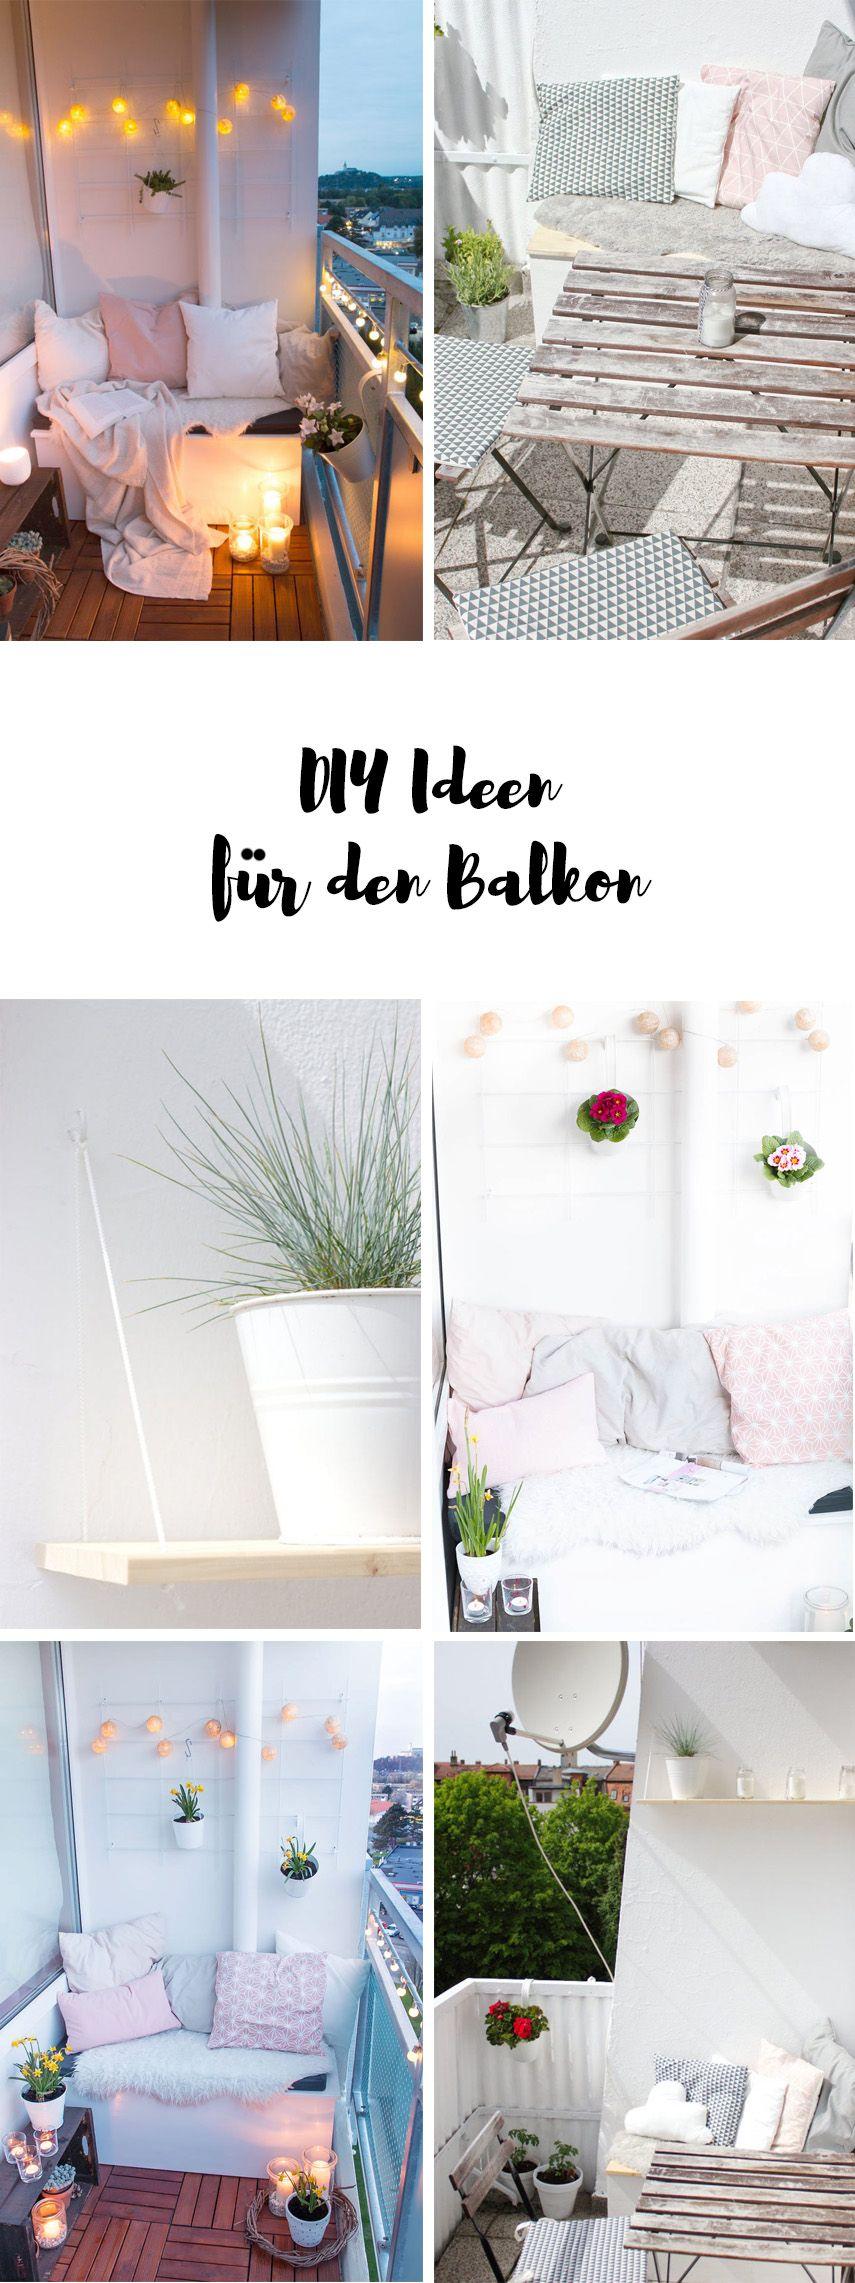 ordnung für den balkon meine diy sitzbox | der balkon, diy, Gartengerate ideen